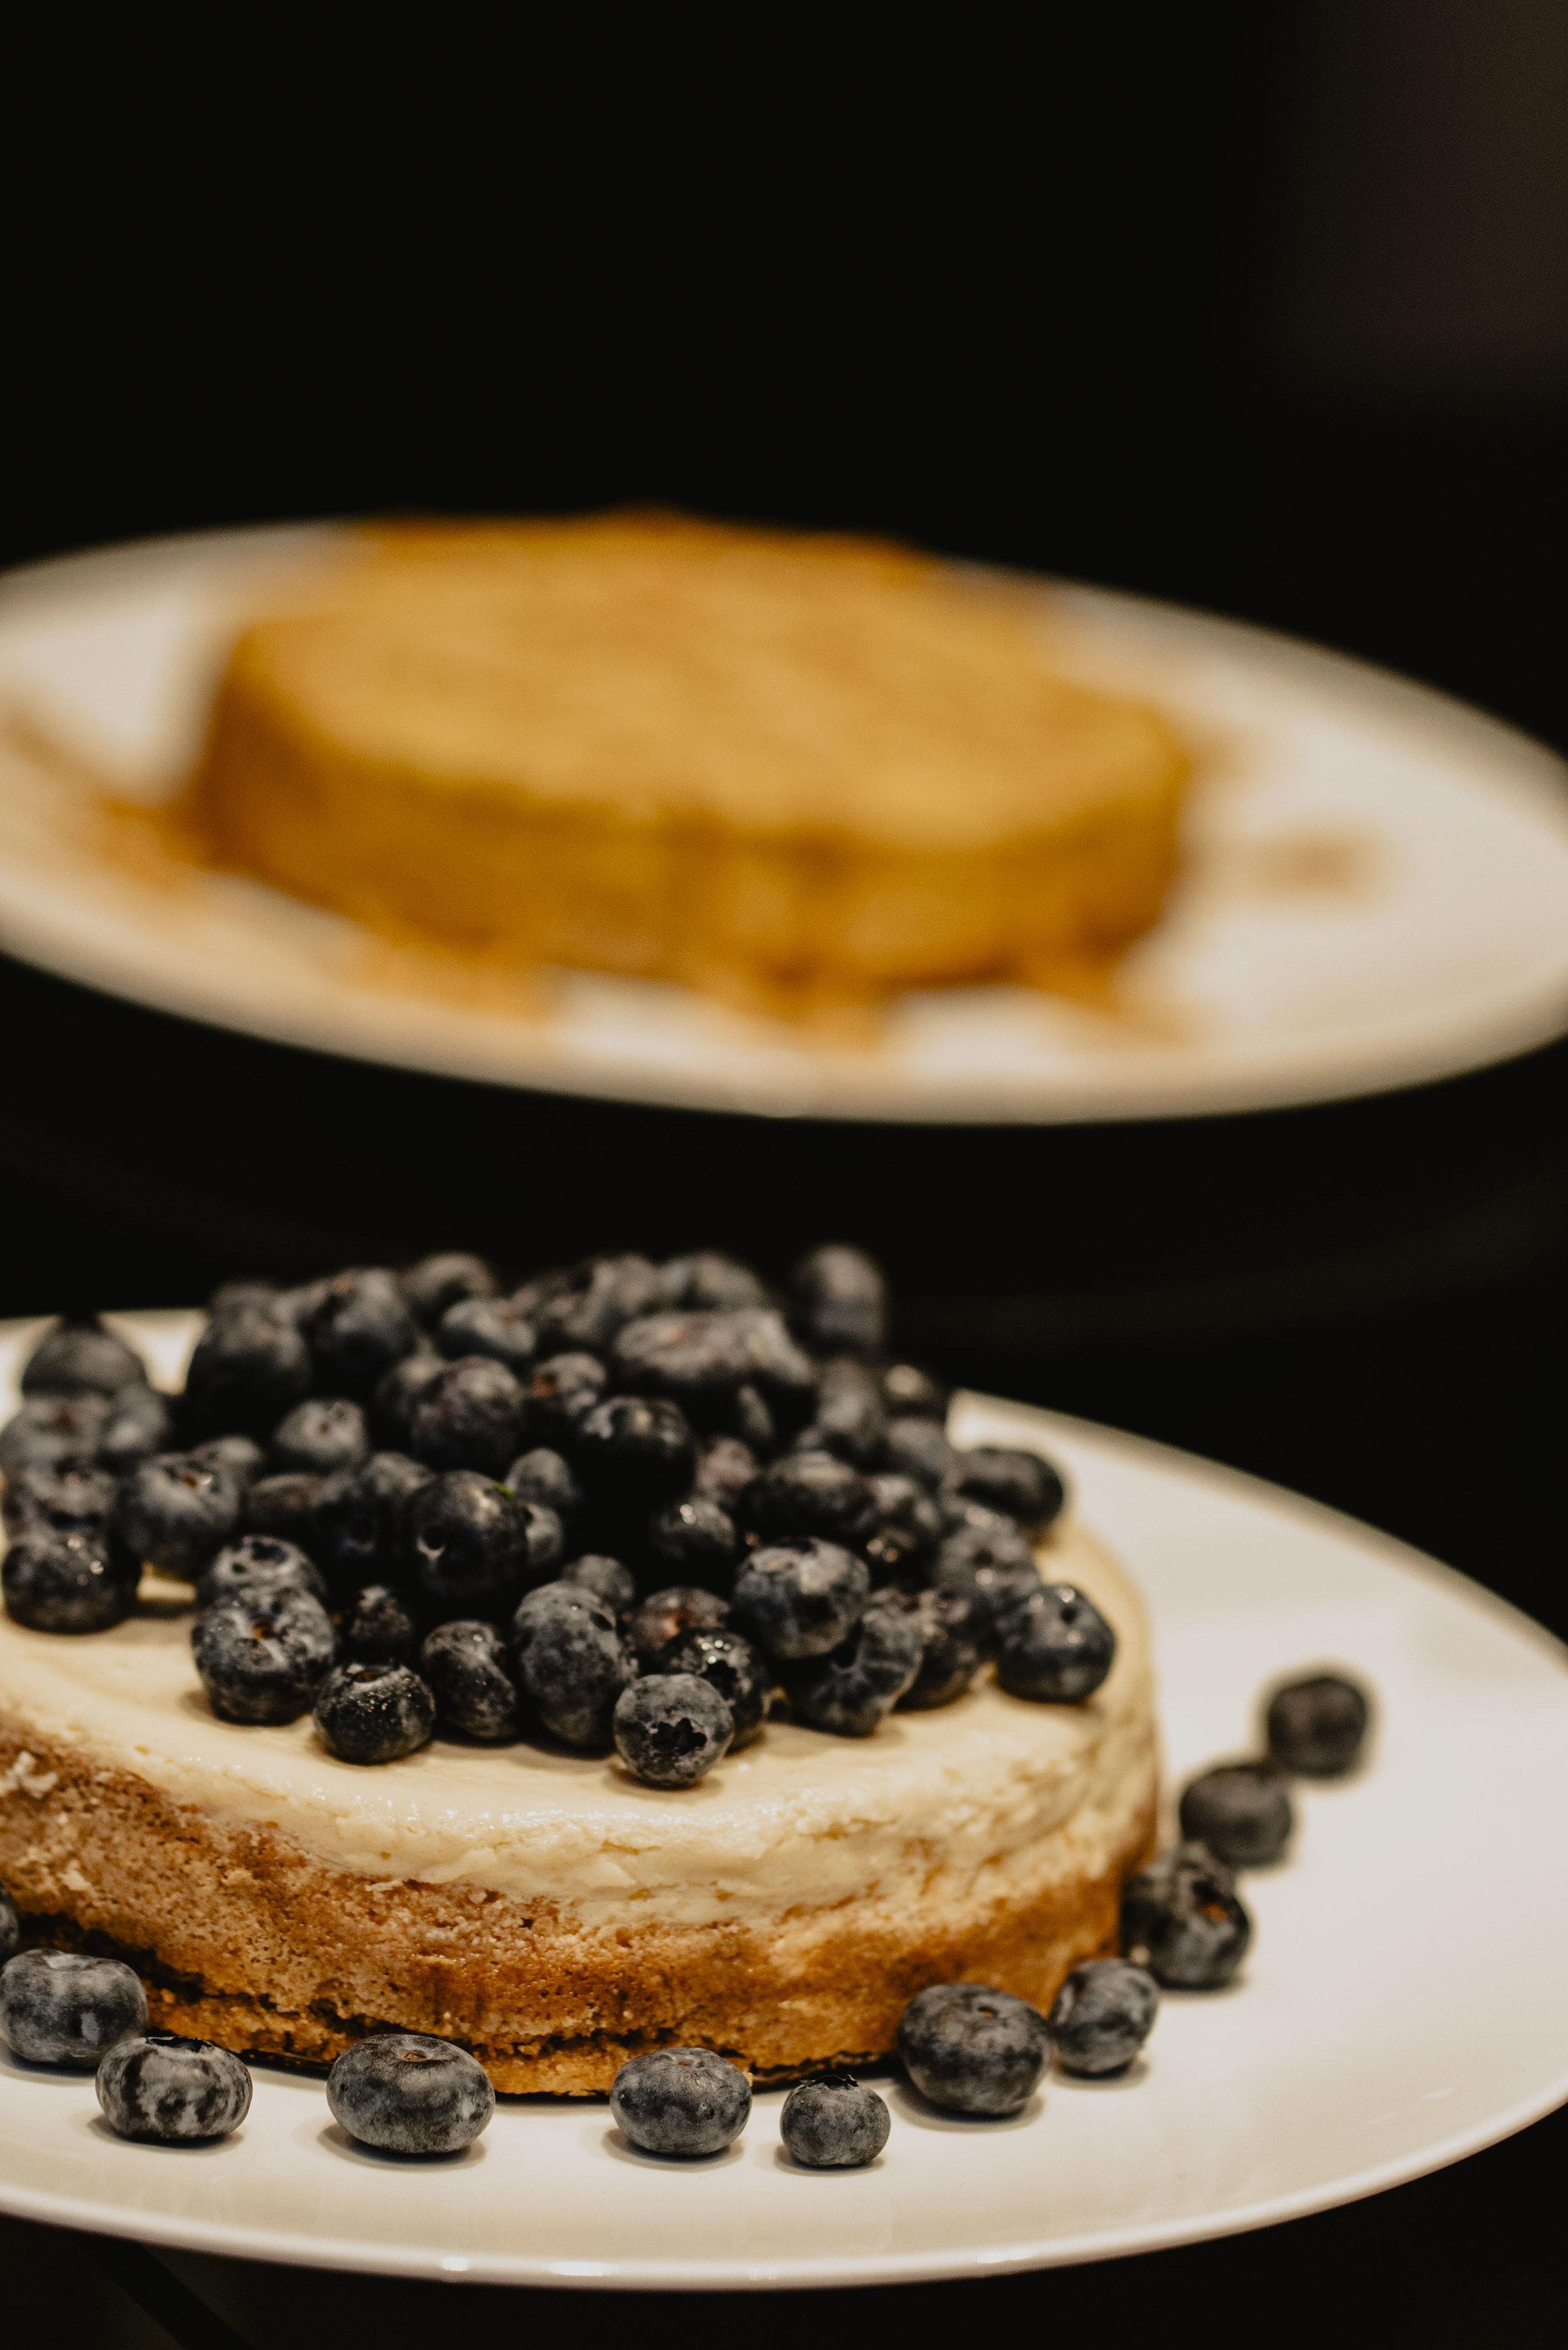 NY Cheesecake W Blueberry's